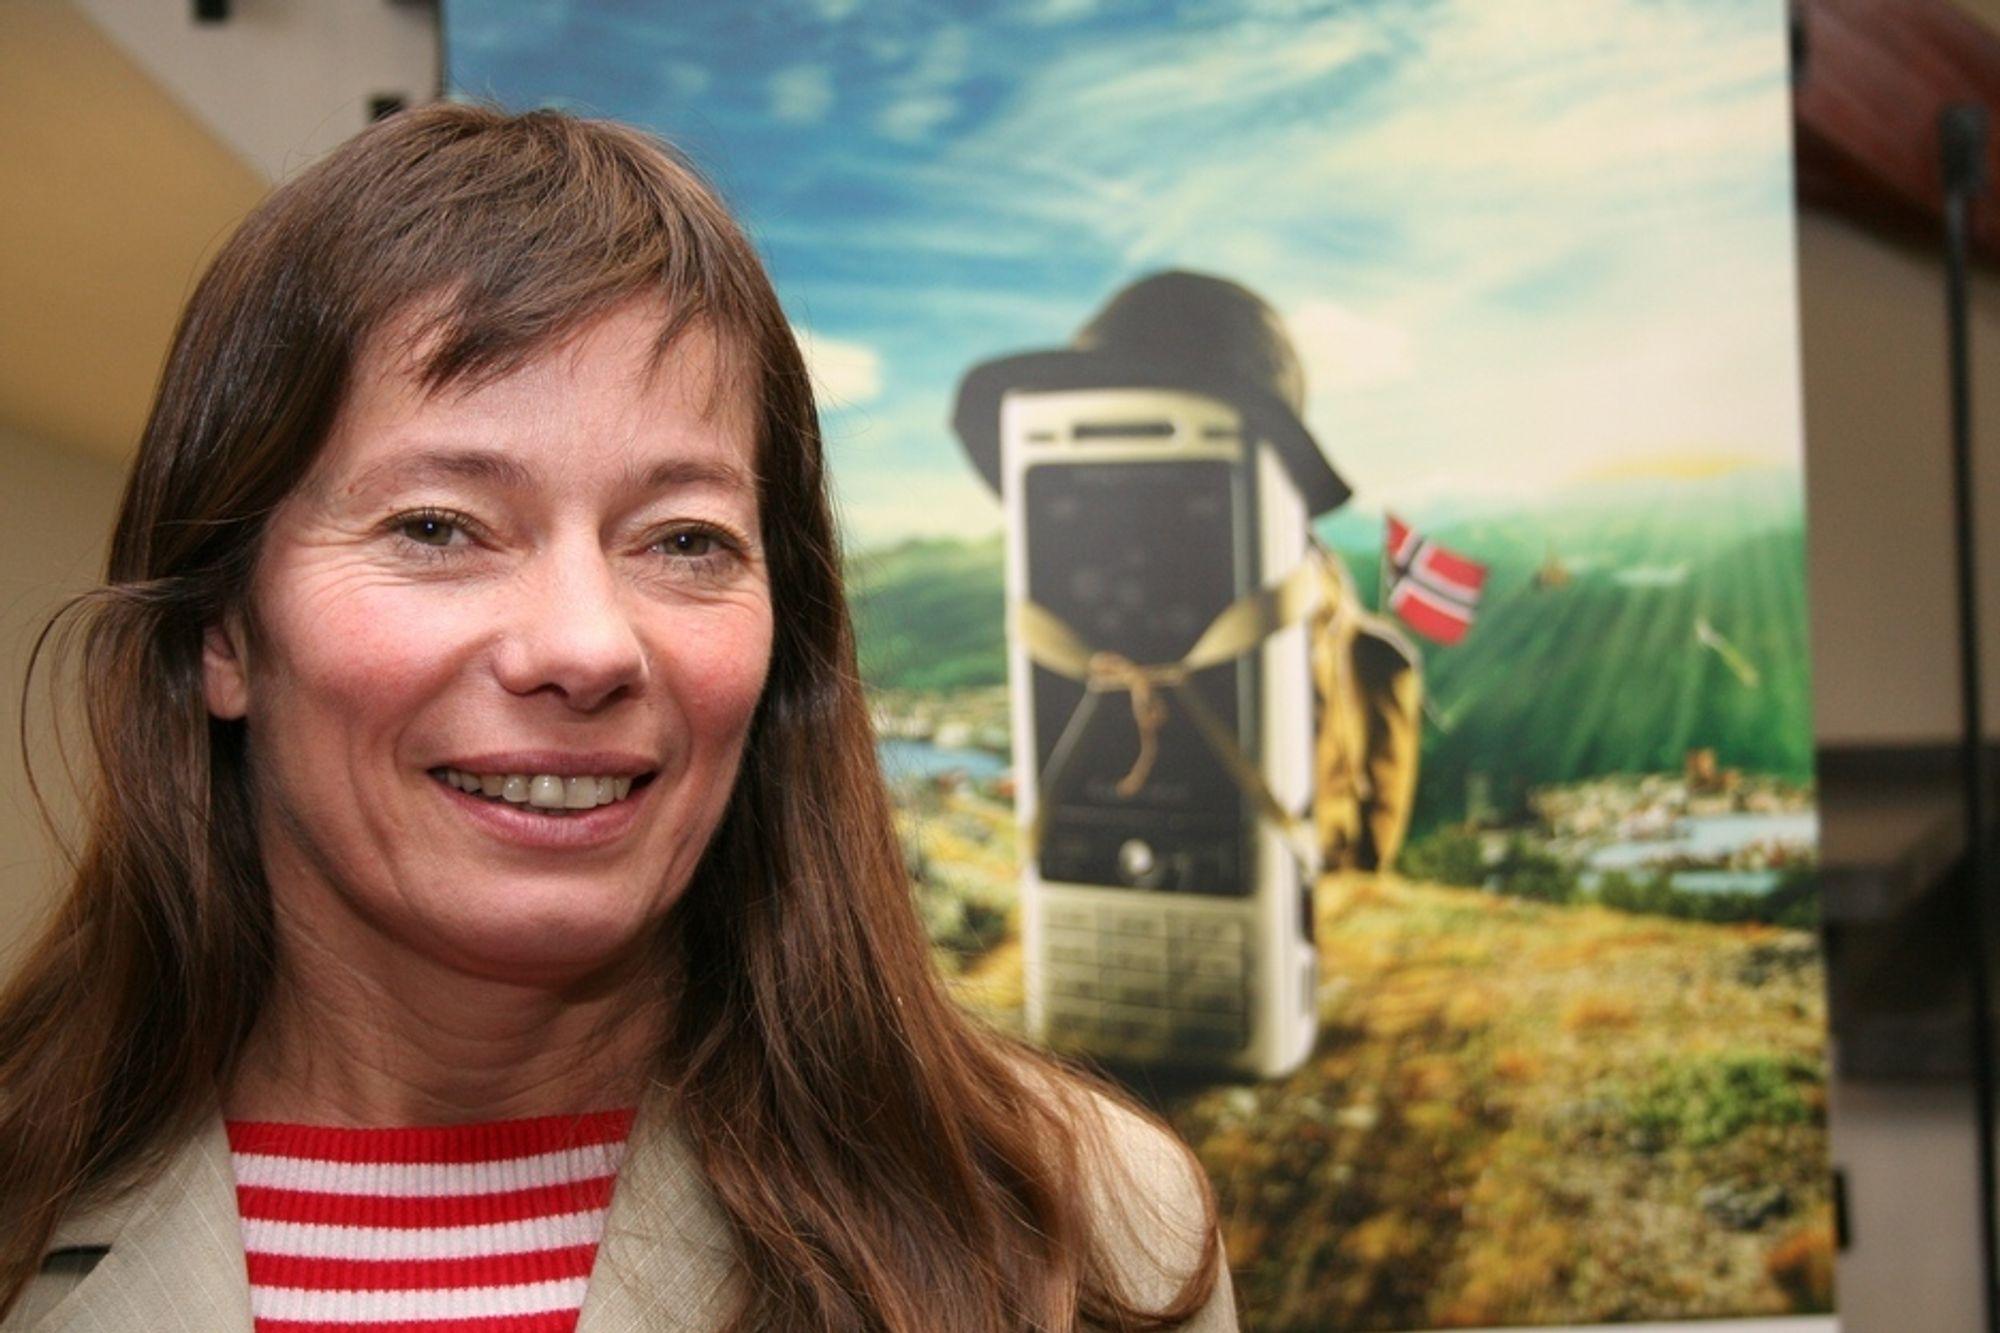 TØFT: Ingvild Myhre beskirver Network Norway som et sårbart selskap i et marked preget av tøff konkurranse.